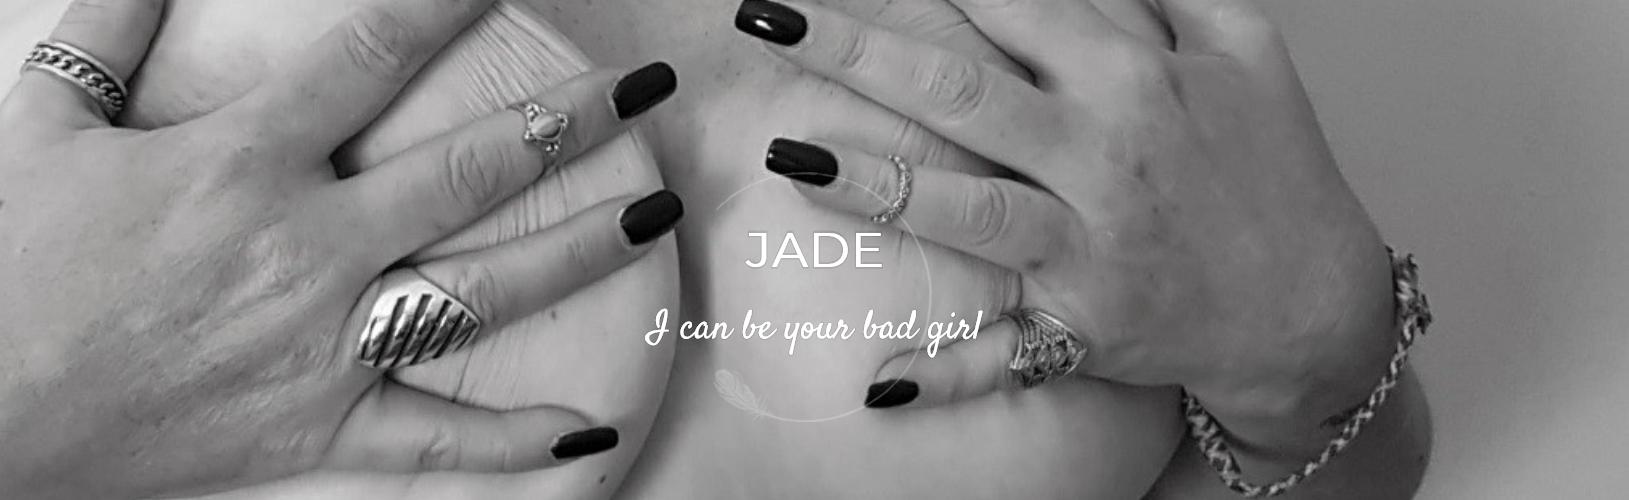 Adelaide private escort JADE